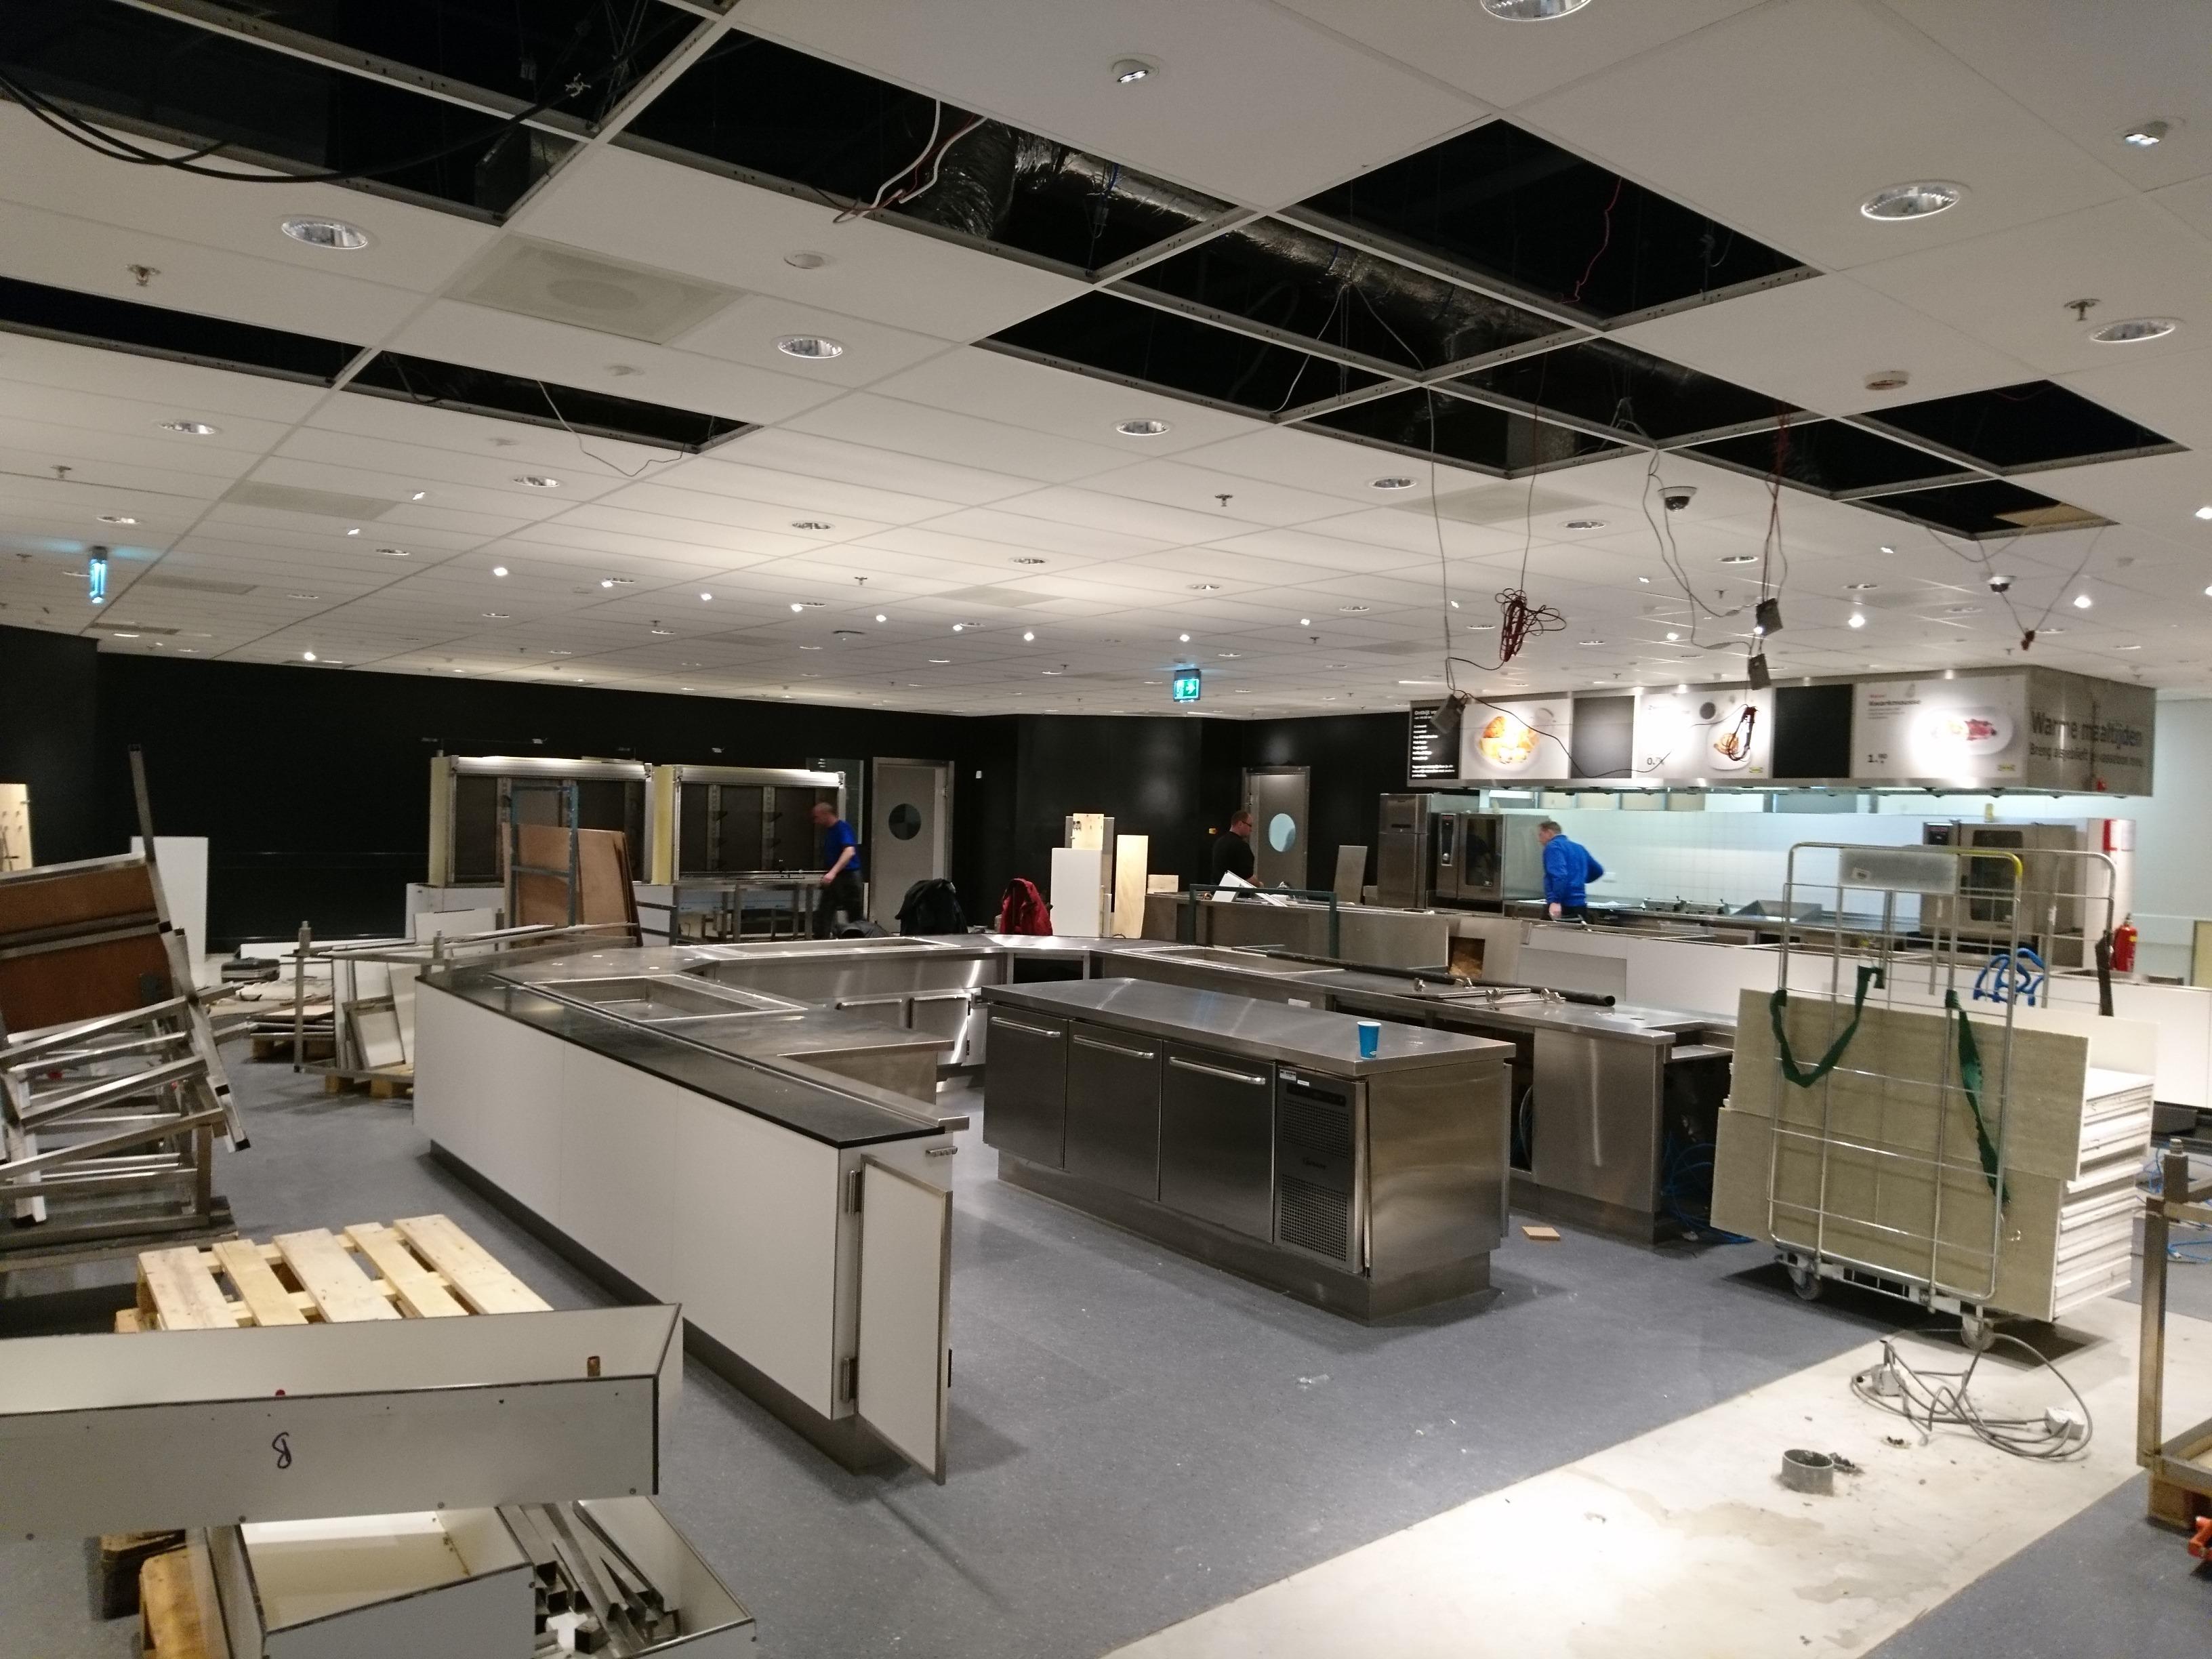 Verbouw IKEA keuken 2